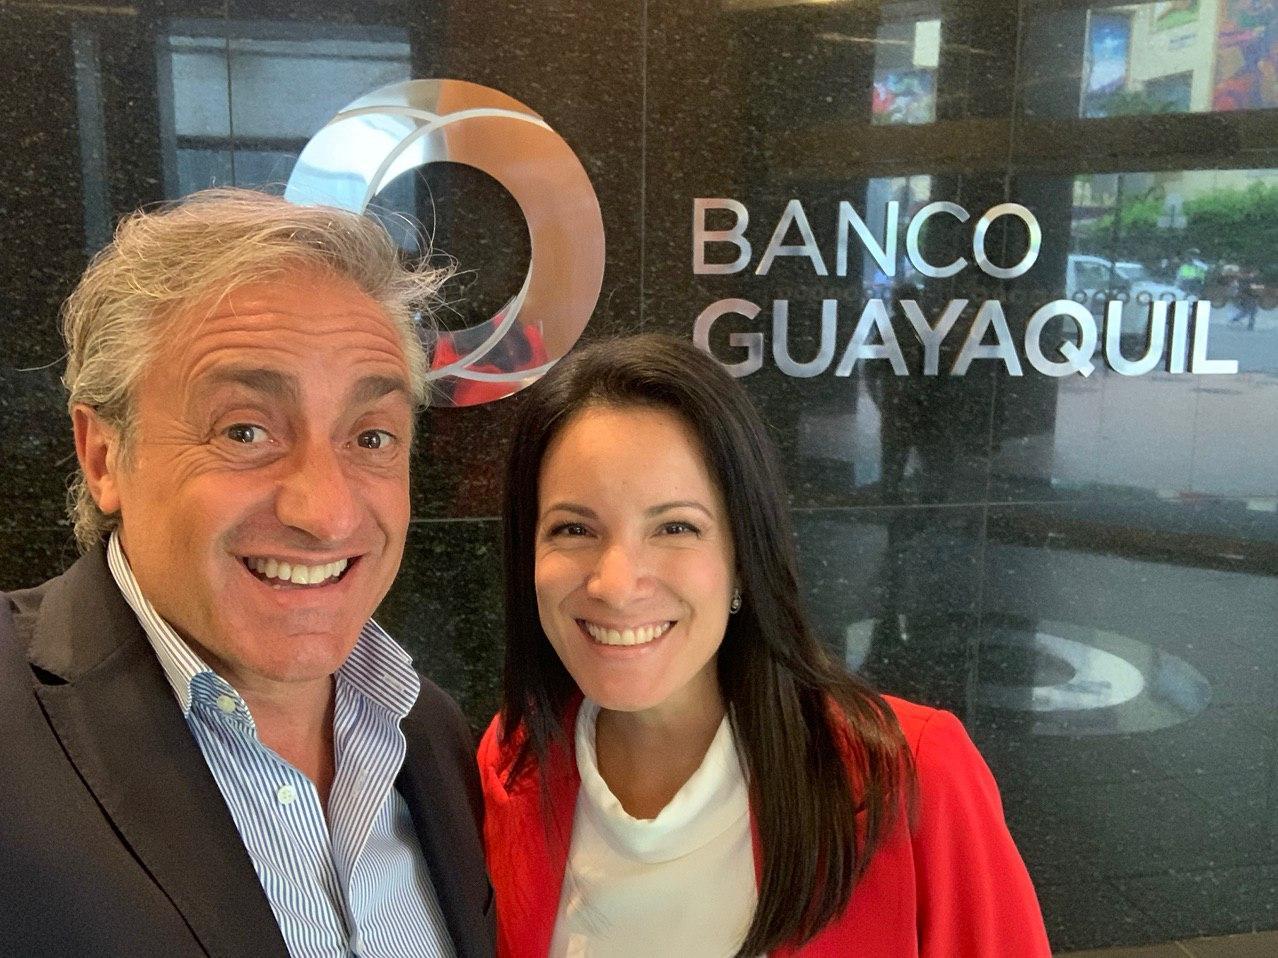 Banco Guayaquil - Ecuador